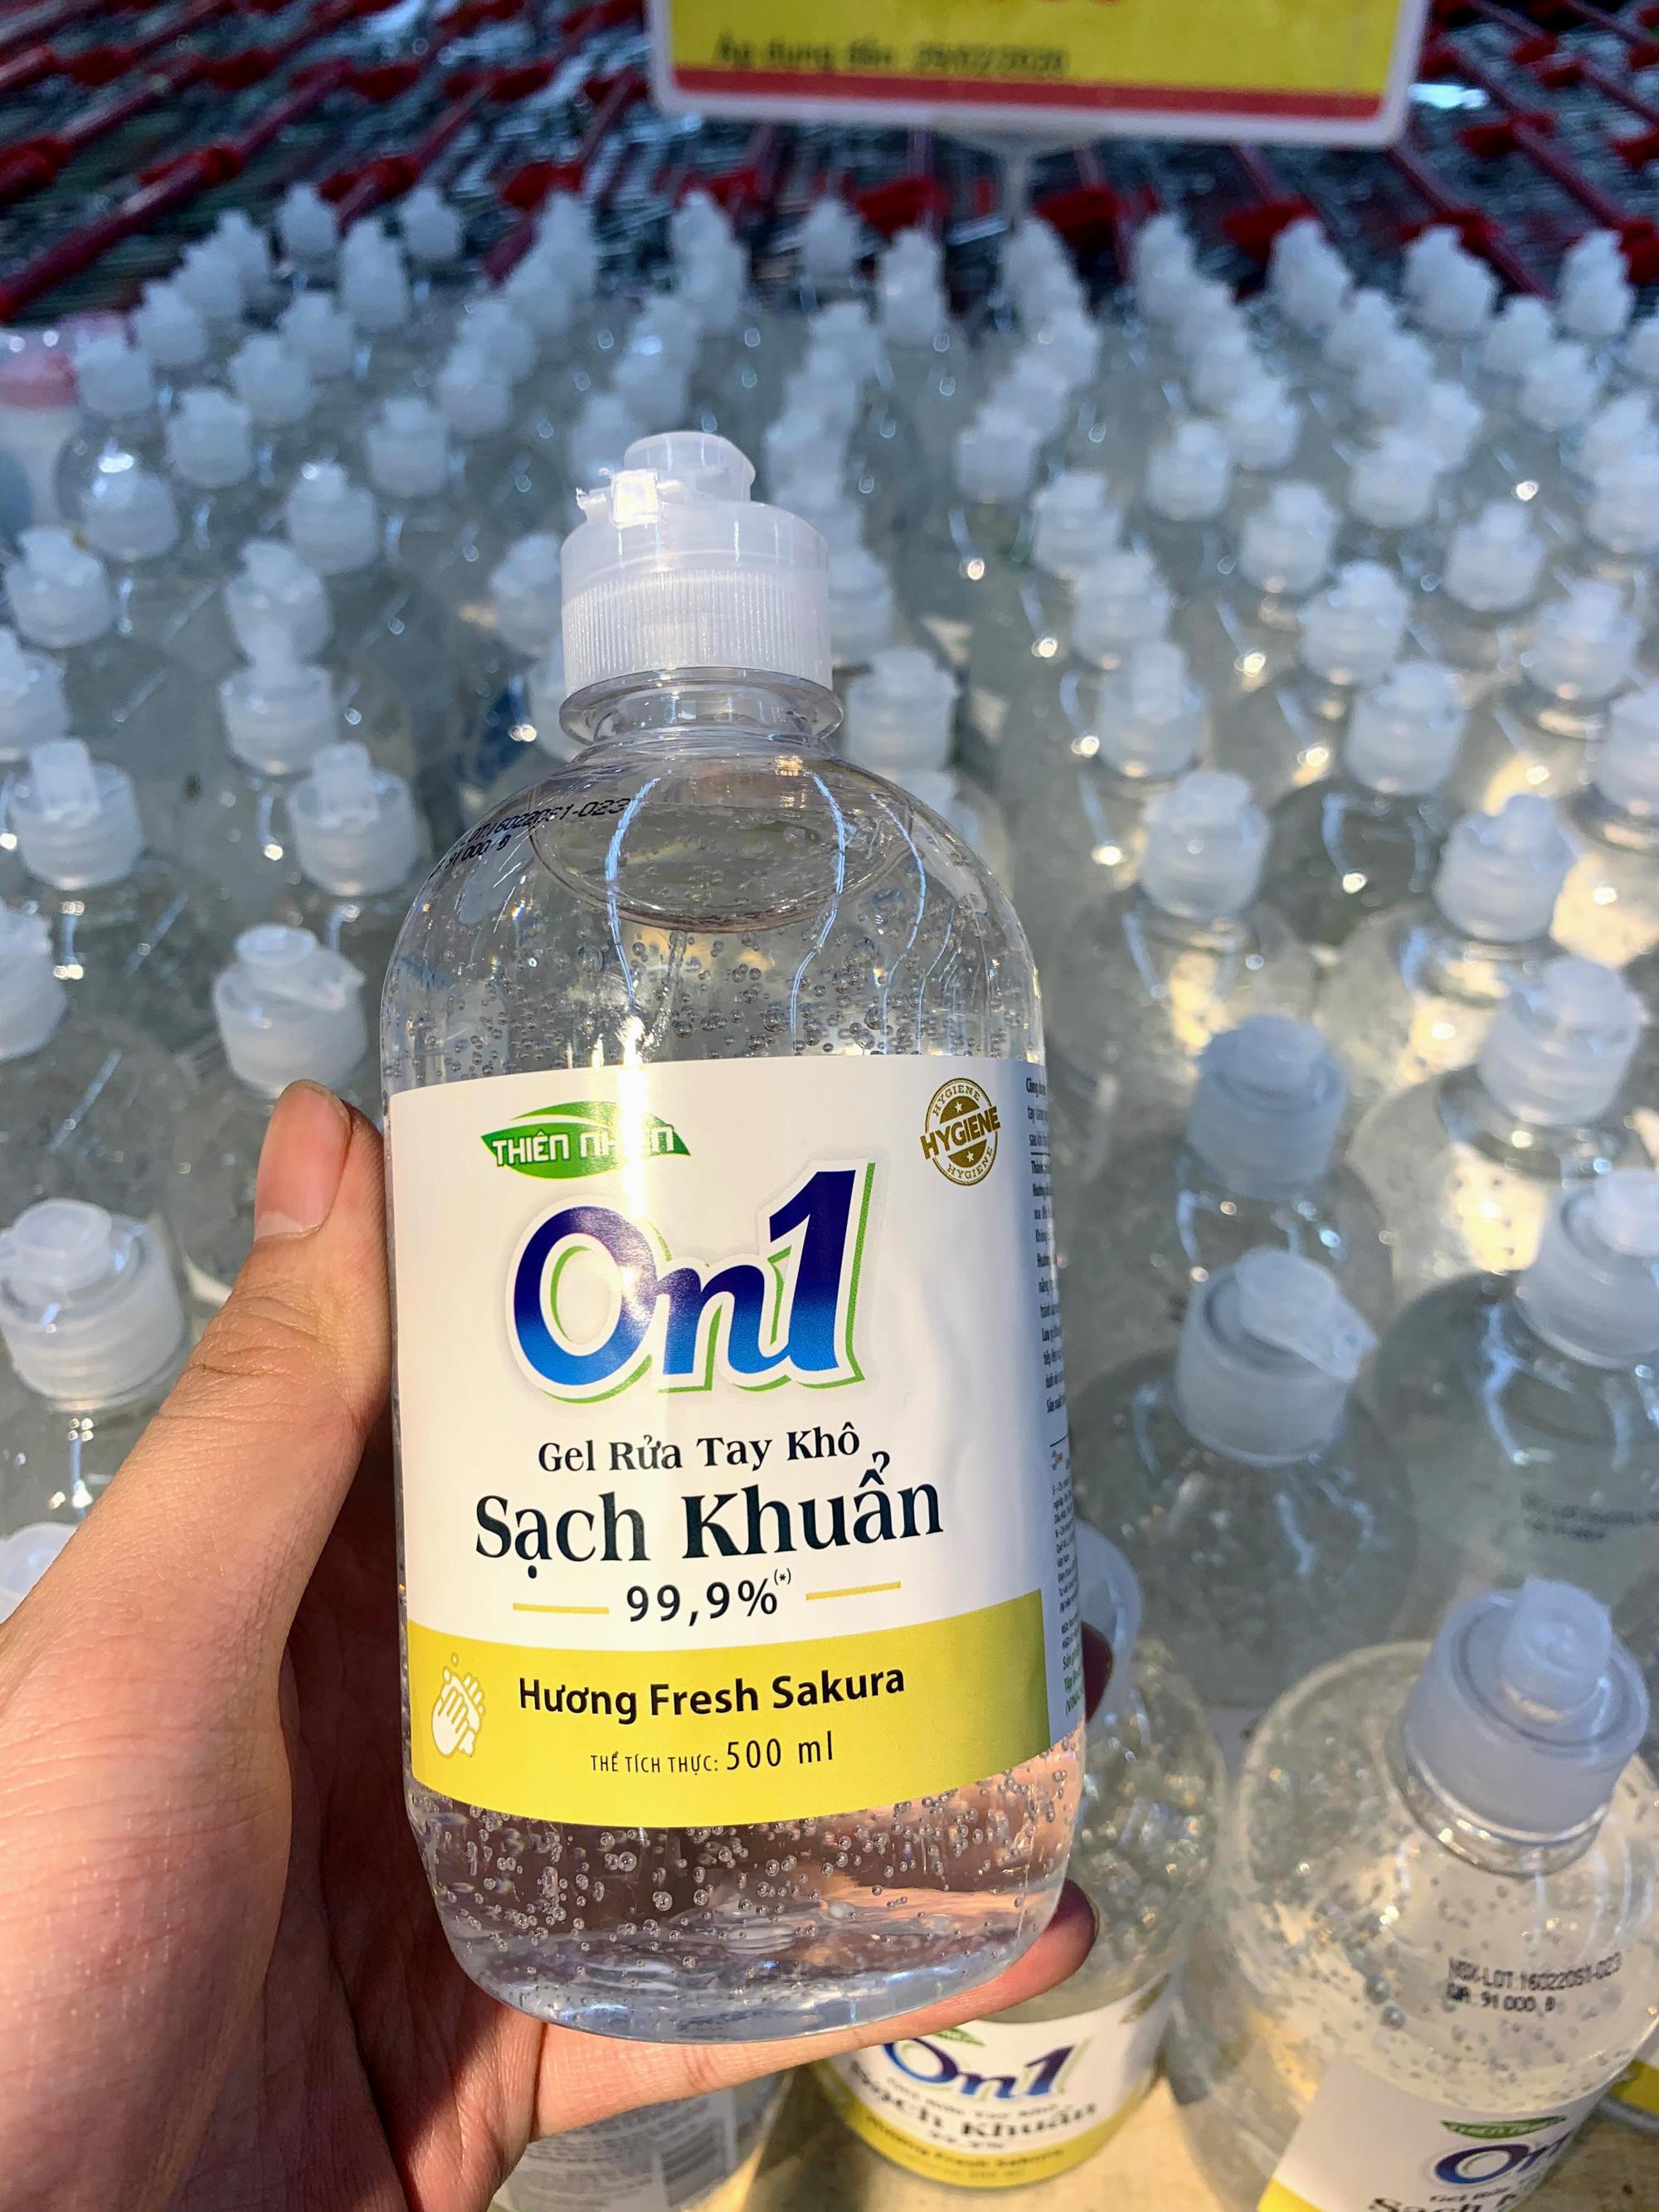 Ma trận nước rửa tay, gel sát khuẩn tại các siêu thị ở Hà Nội làm khó người tiêu dùng - Ảnh 4.